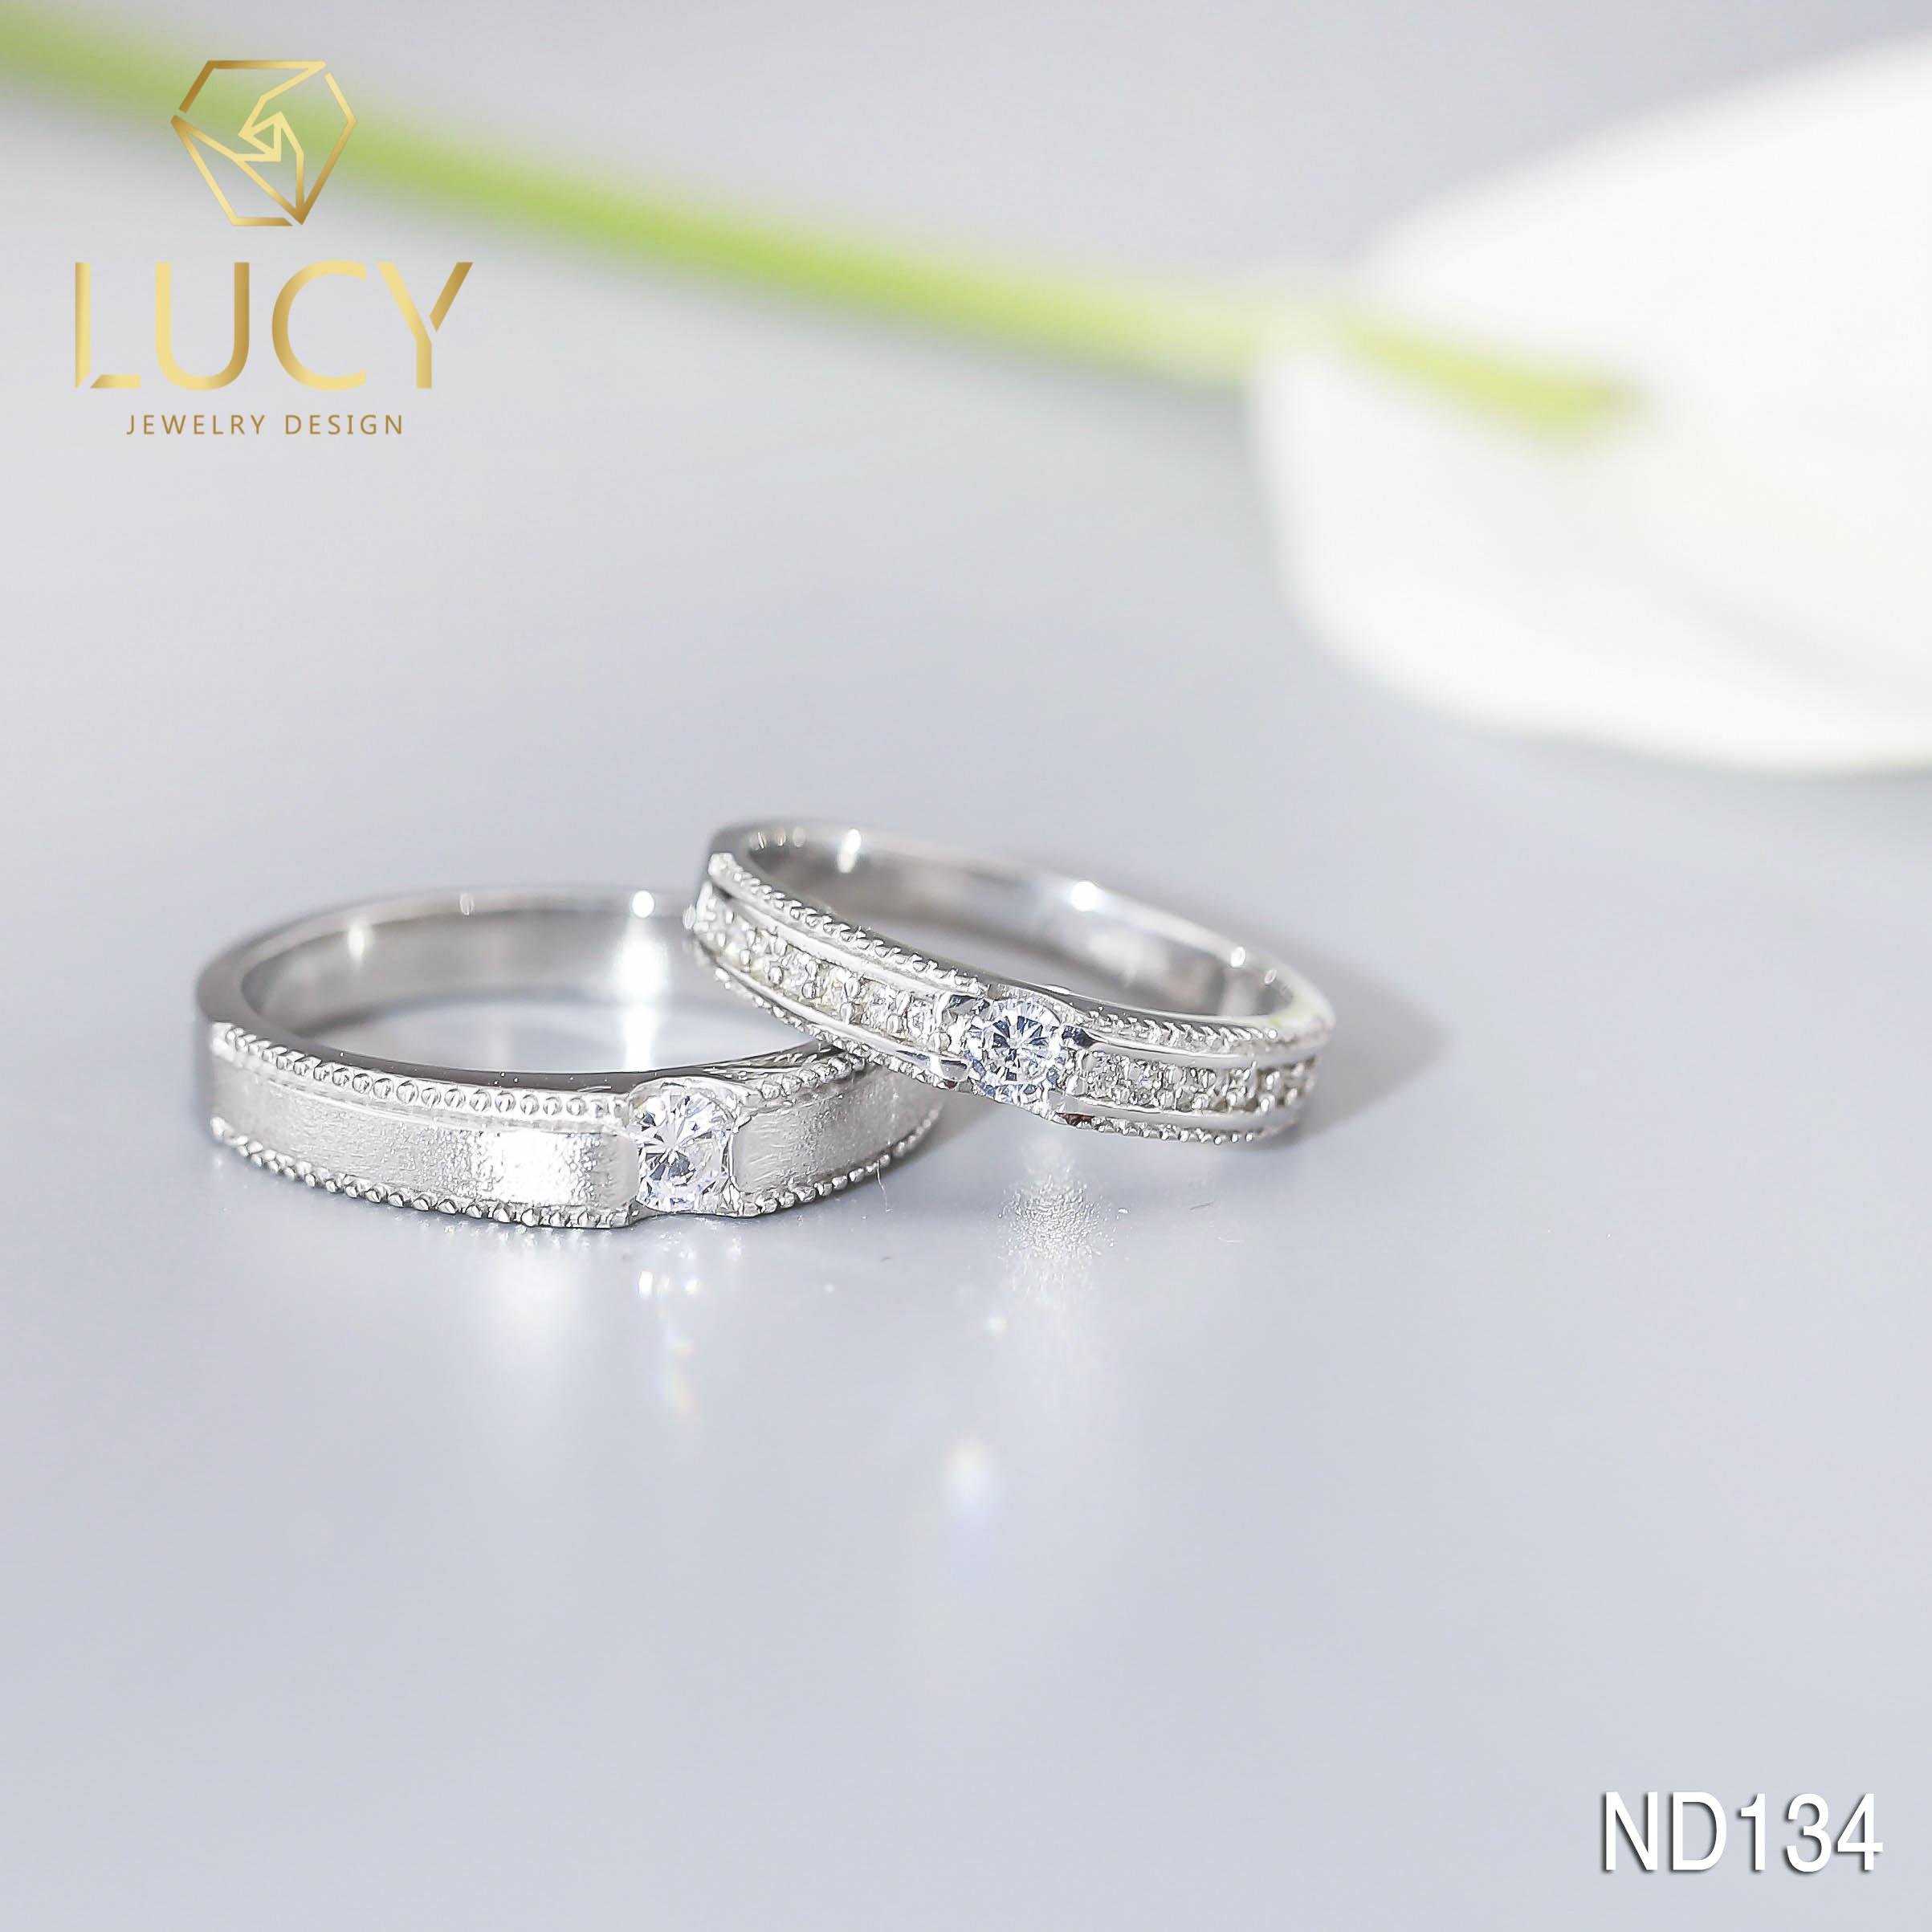 Nhẫn đôi nhẫn cặp bạc Lucy - ND134